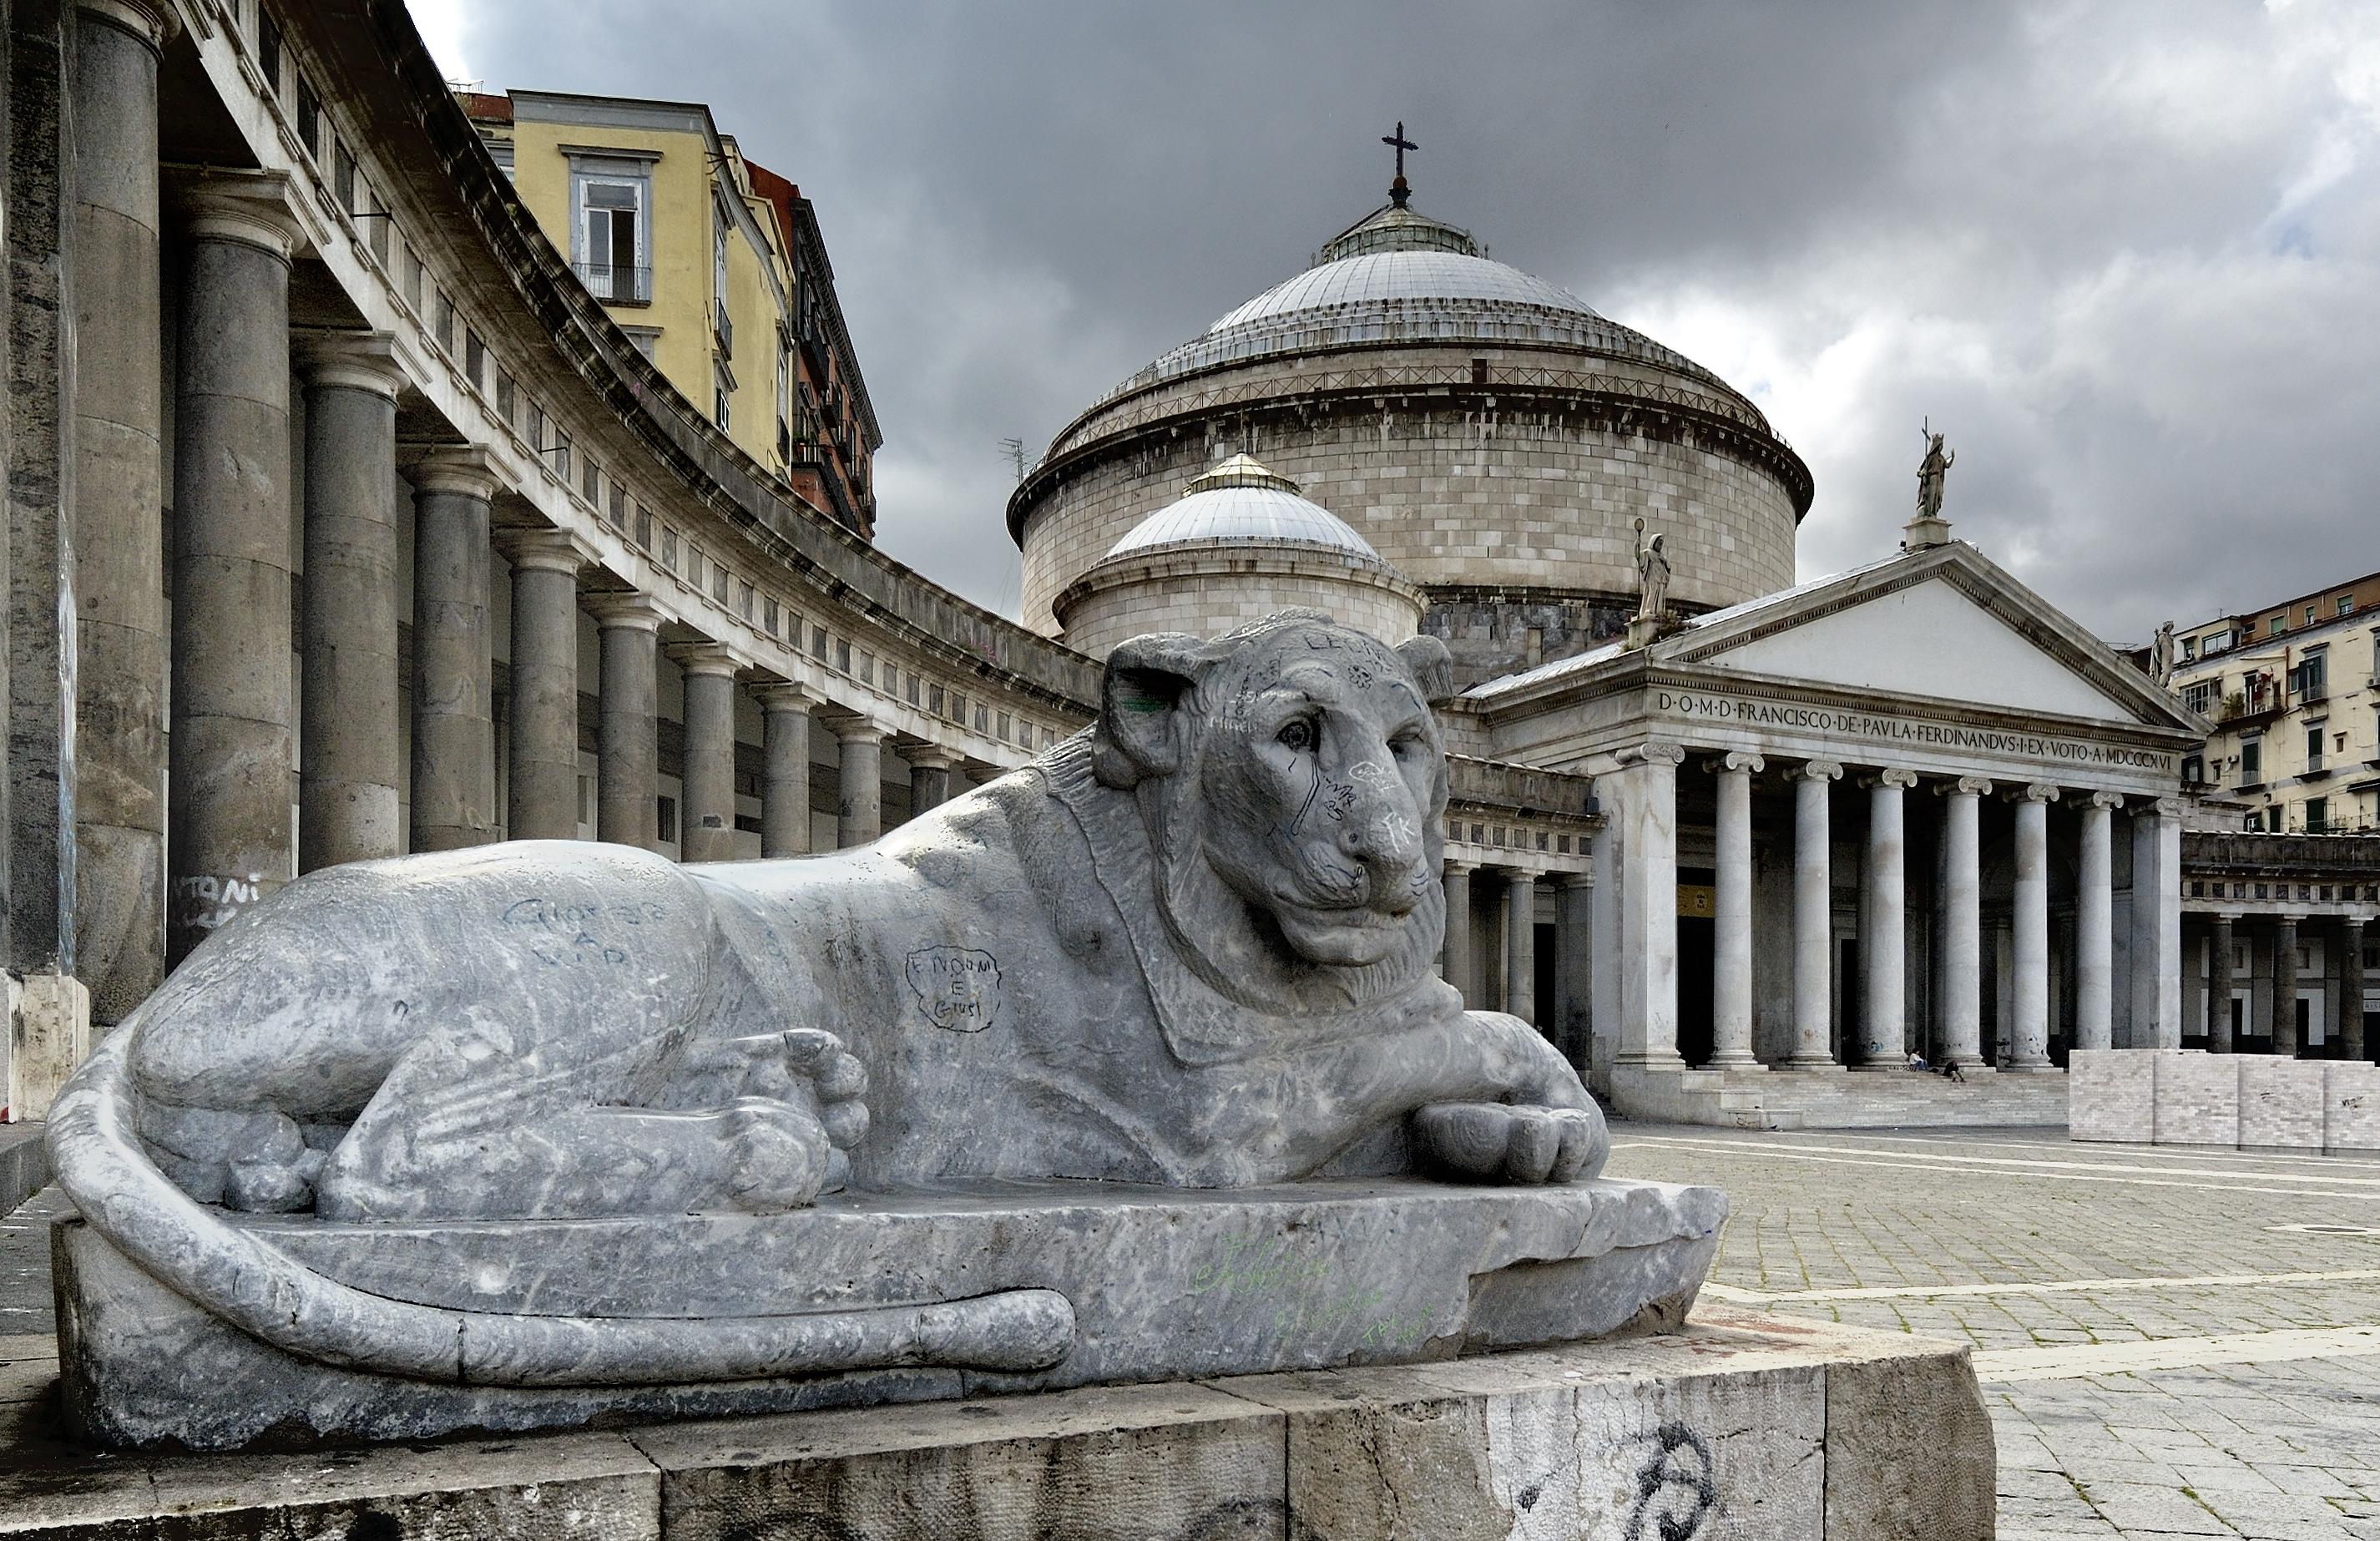 Una superstición entre los monumentos más famosos de Nápoles - Italia Circuito Italia Clásica: de Milán a Roma